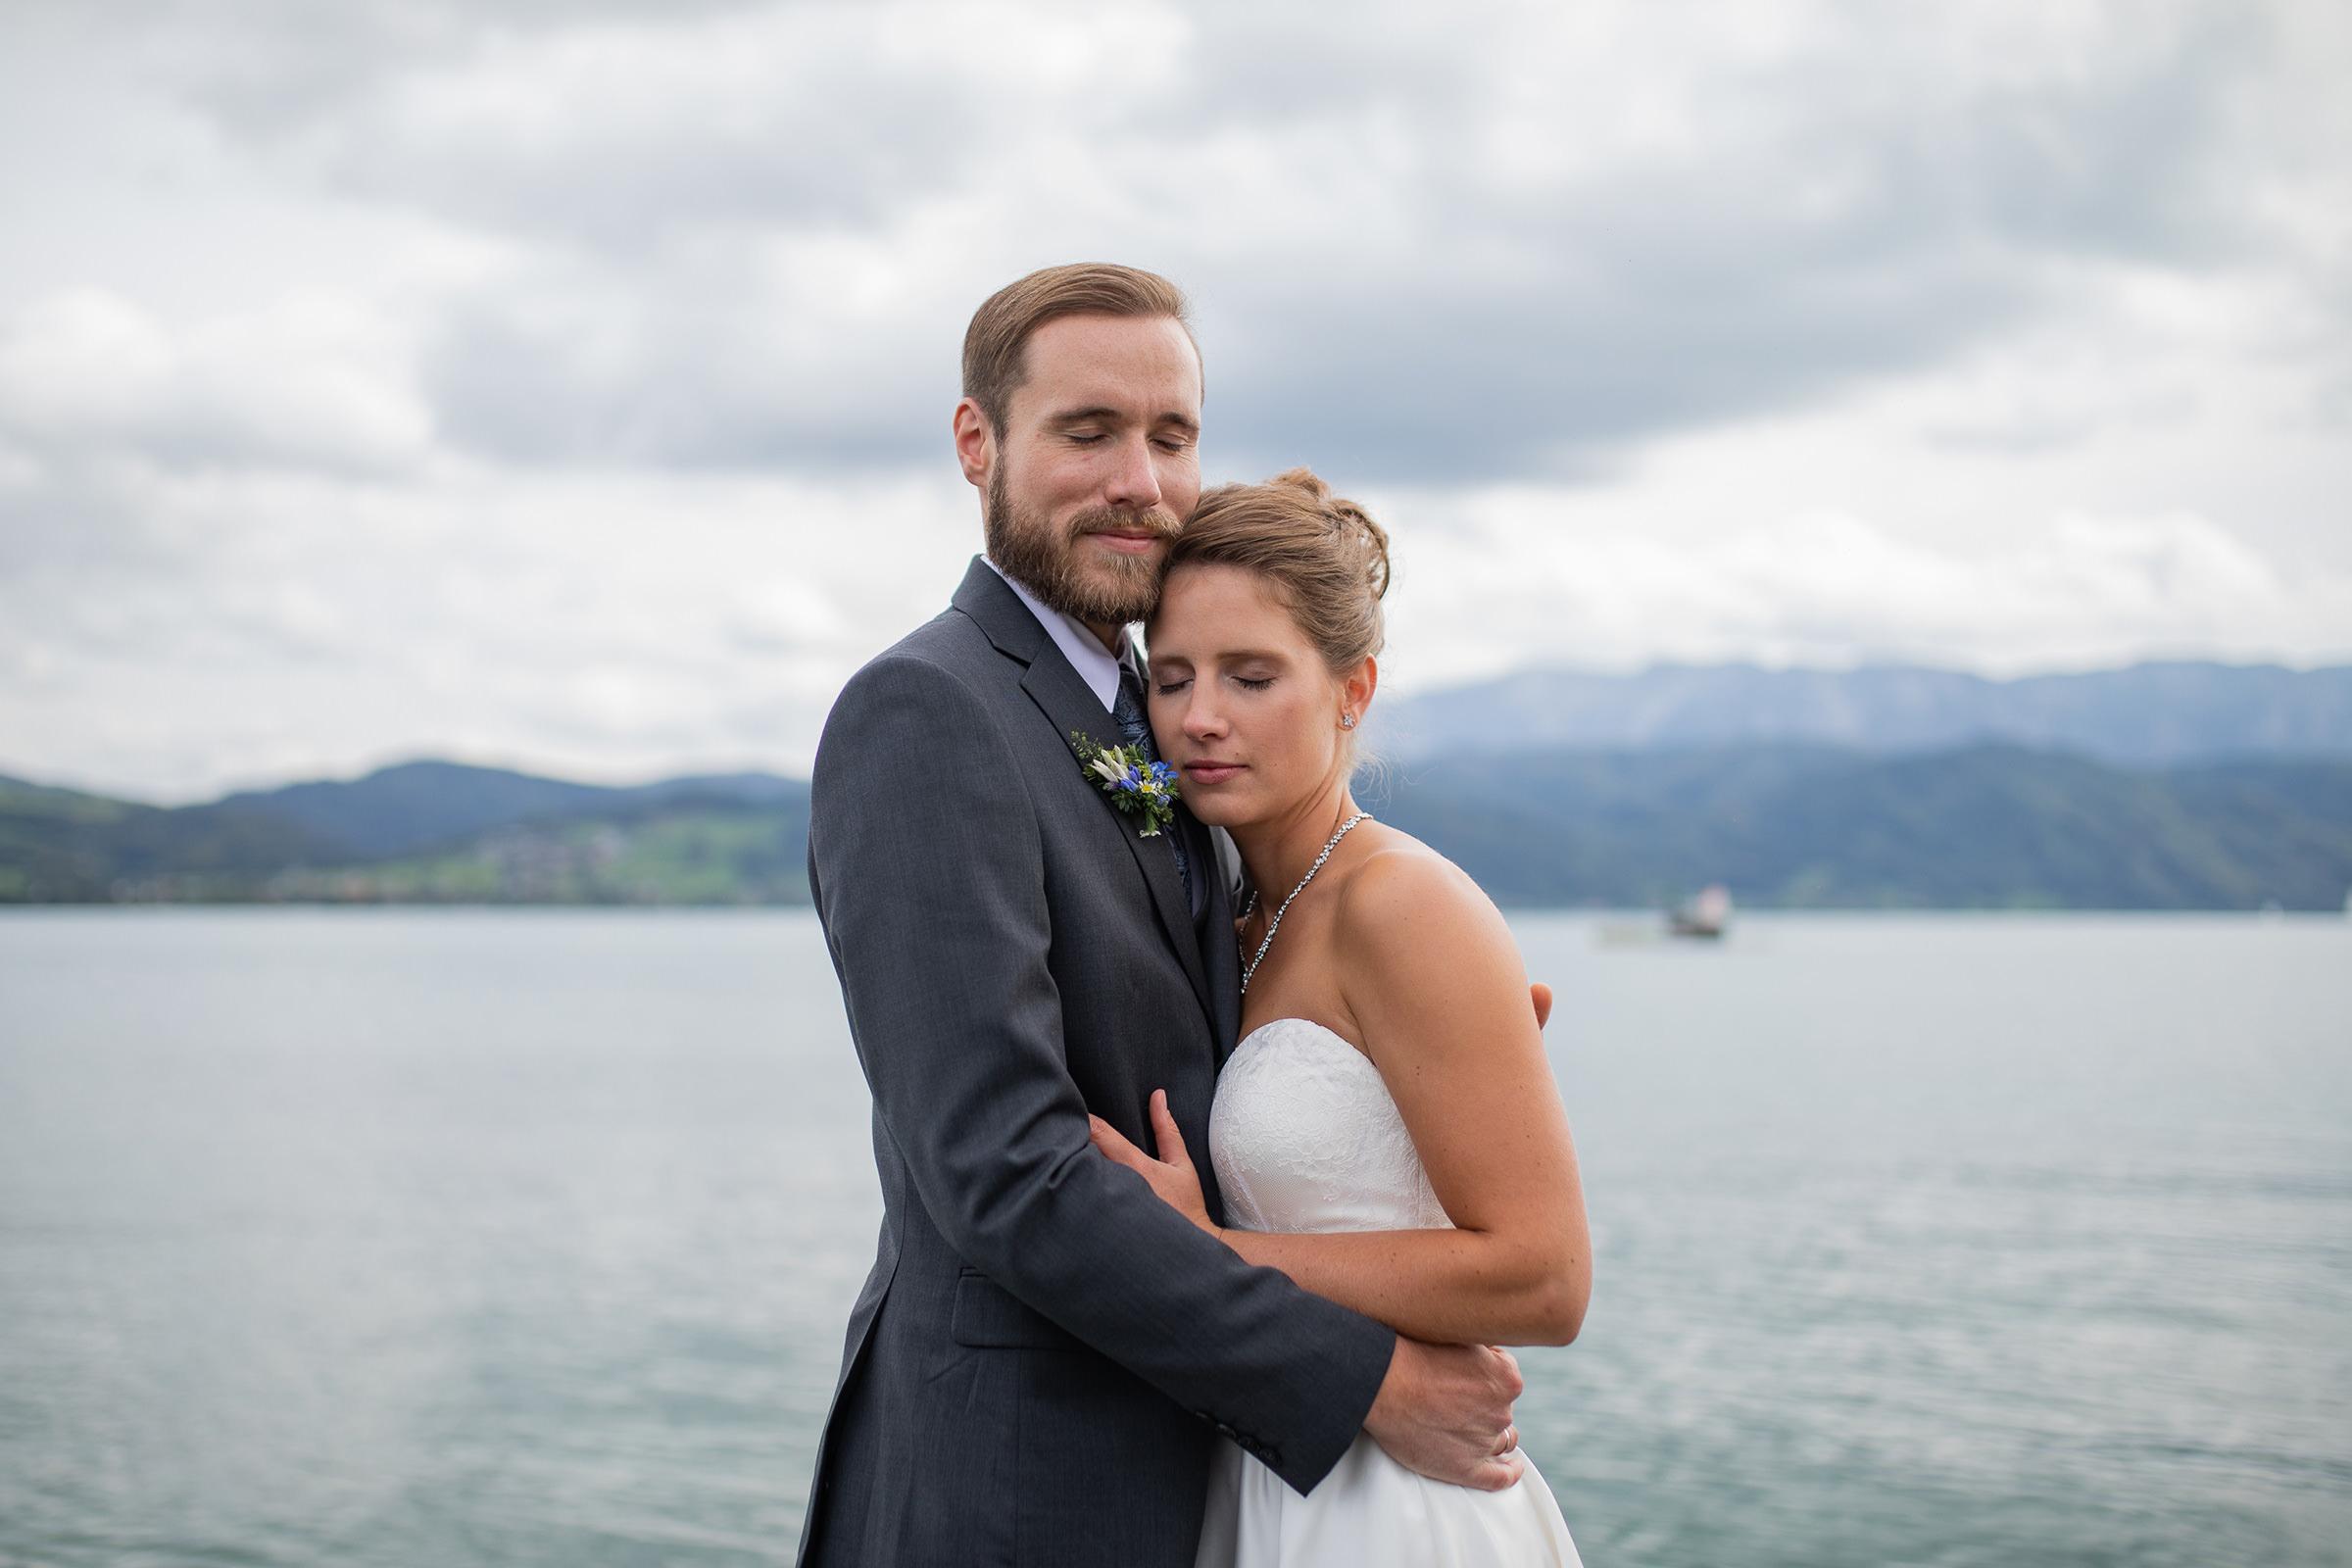 Paar Attersee Hochzeit See Umarmung